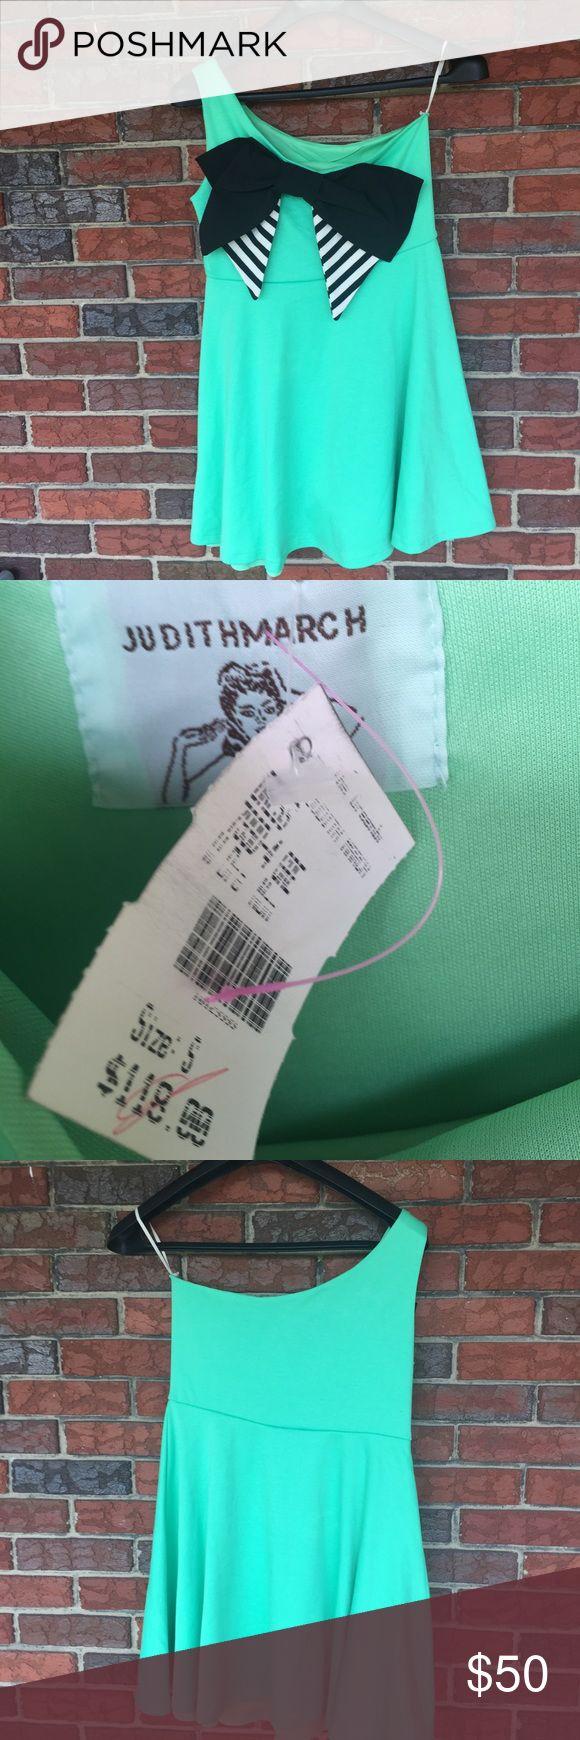 NWT Judith March One Shoulder Dress NWT Judith March one shoulder Dress. Great black bow on front. Judith March Dresses One Shoulder